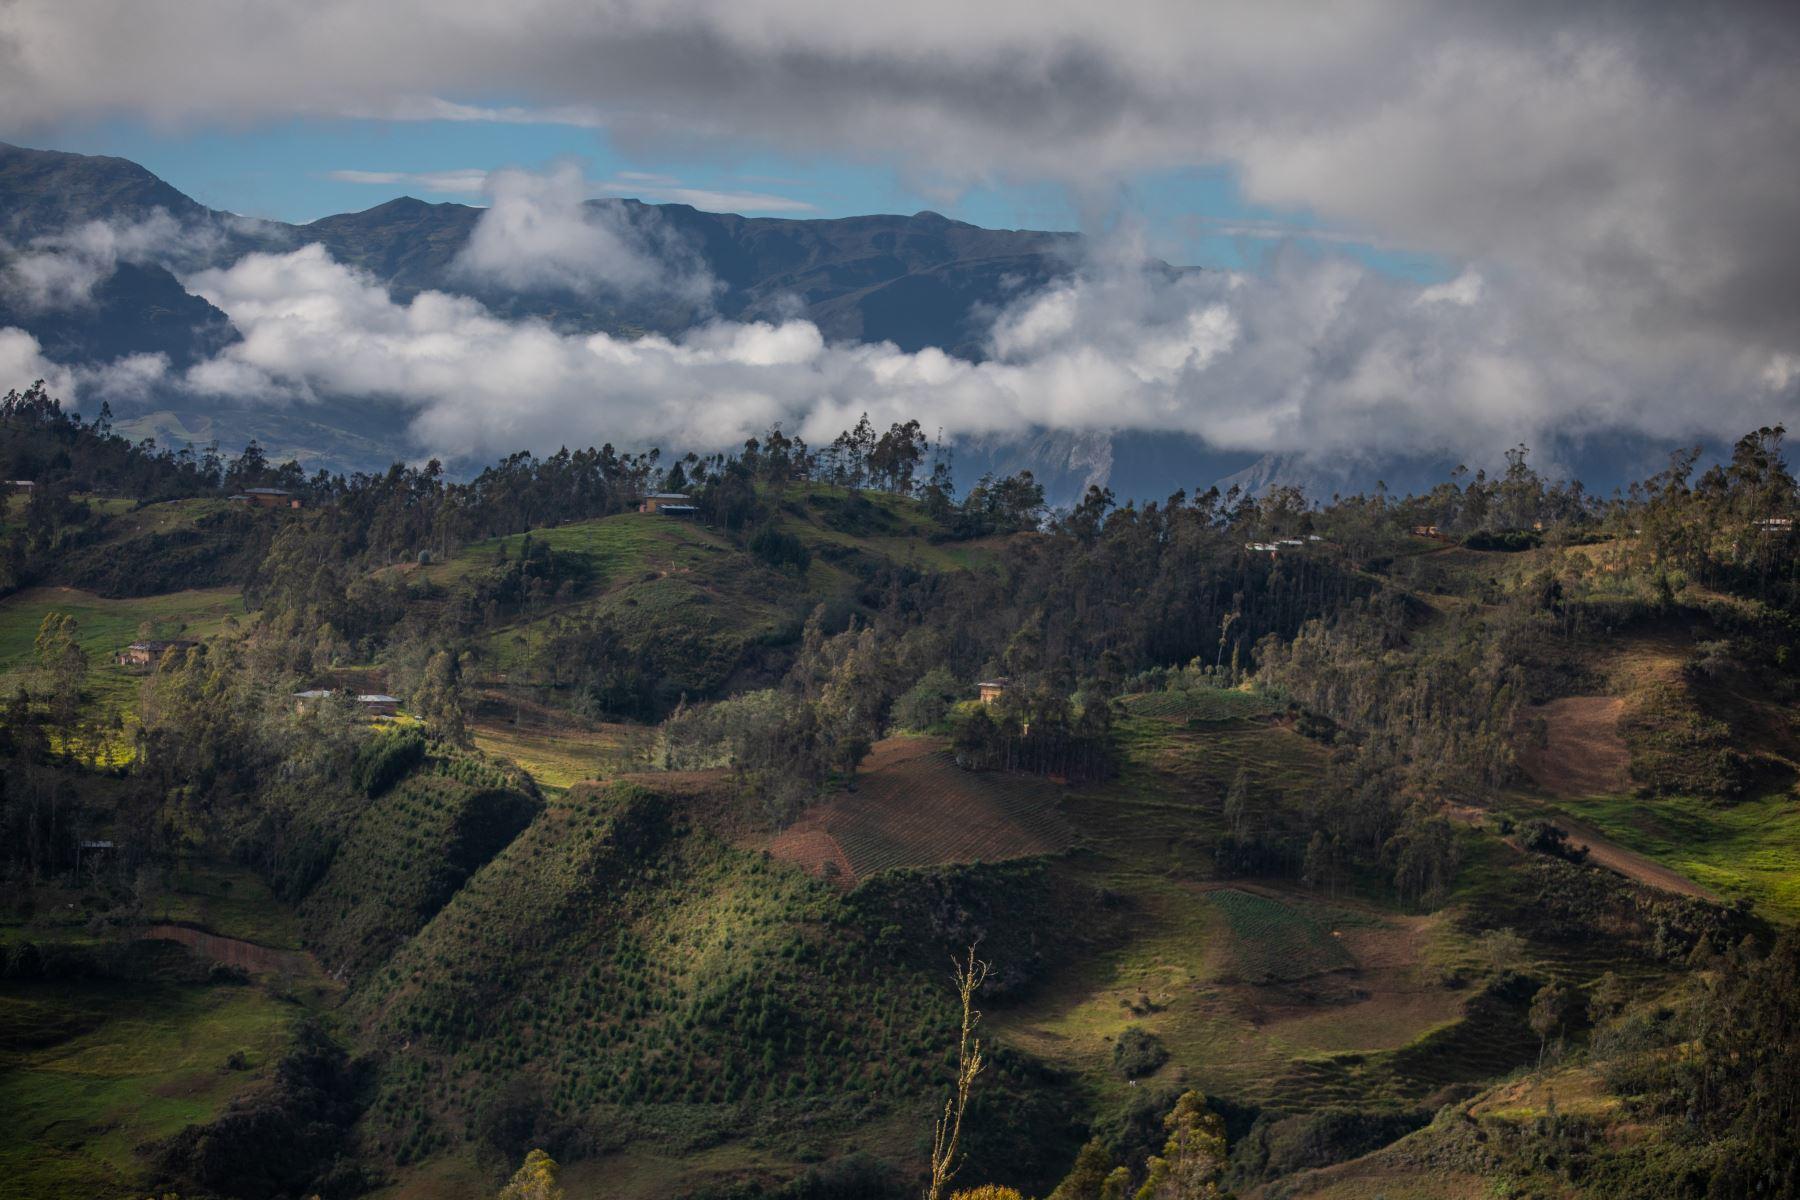 El centro poblado de Puña, distrito de Tacabamba, en Cajamarca. Foto: ANDINA/Andrés Valle